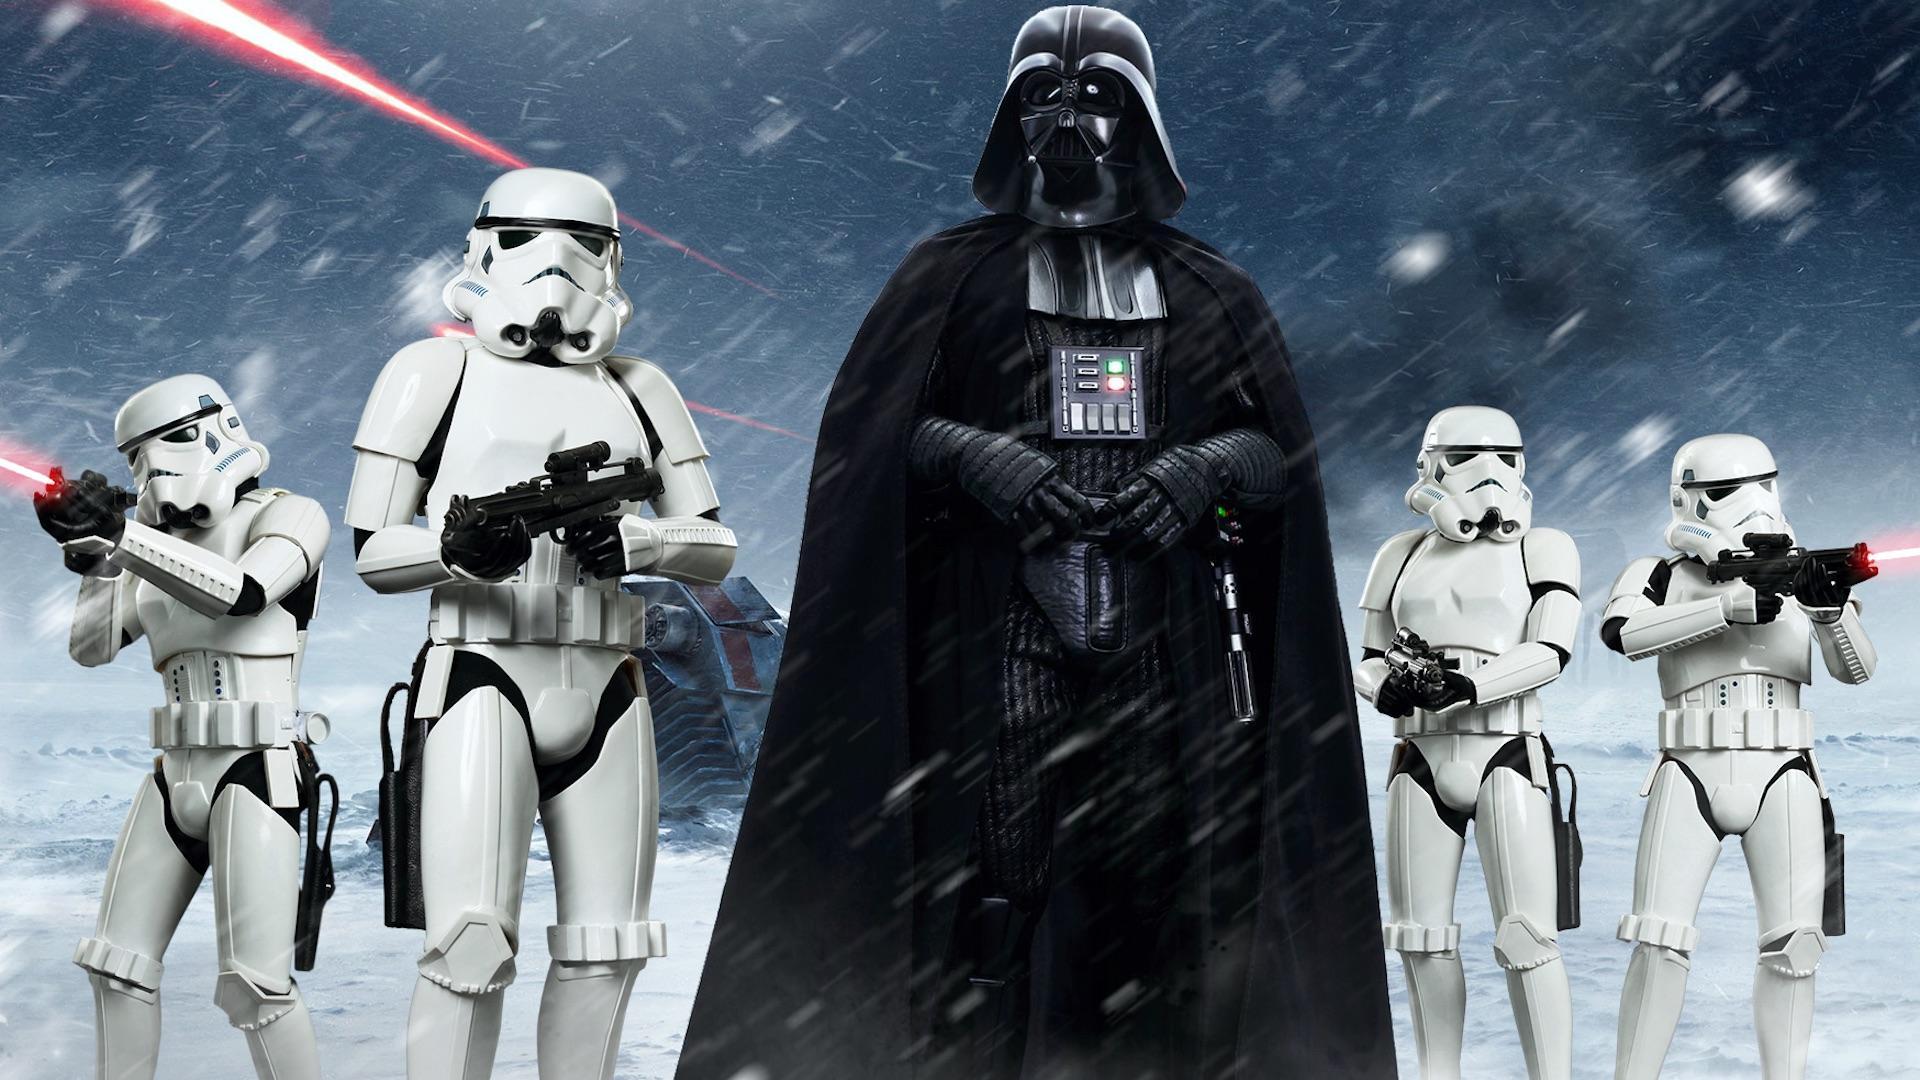 Lo nuevo de Star Wars: Lucasfilm está haciendo una película de realidad virtual sobre Darth Vader